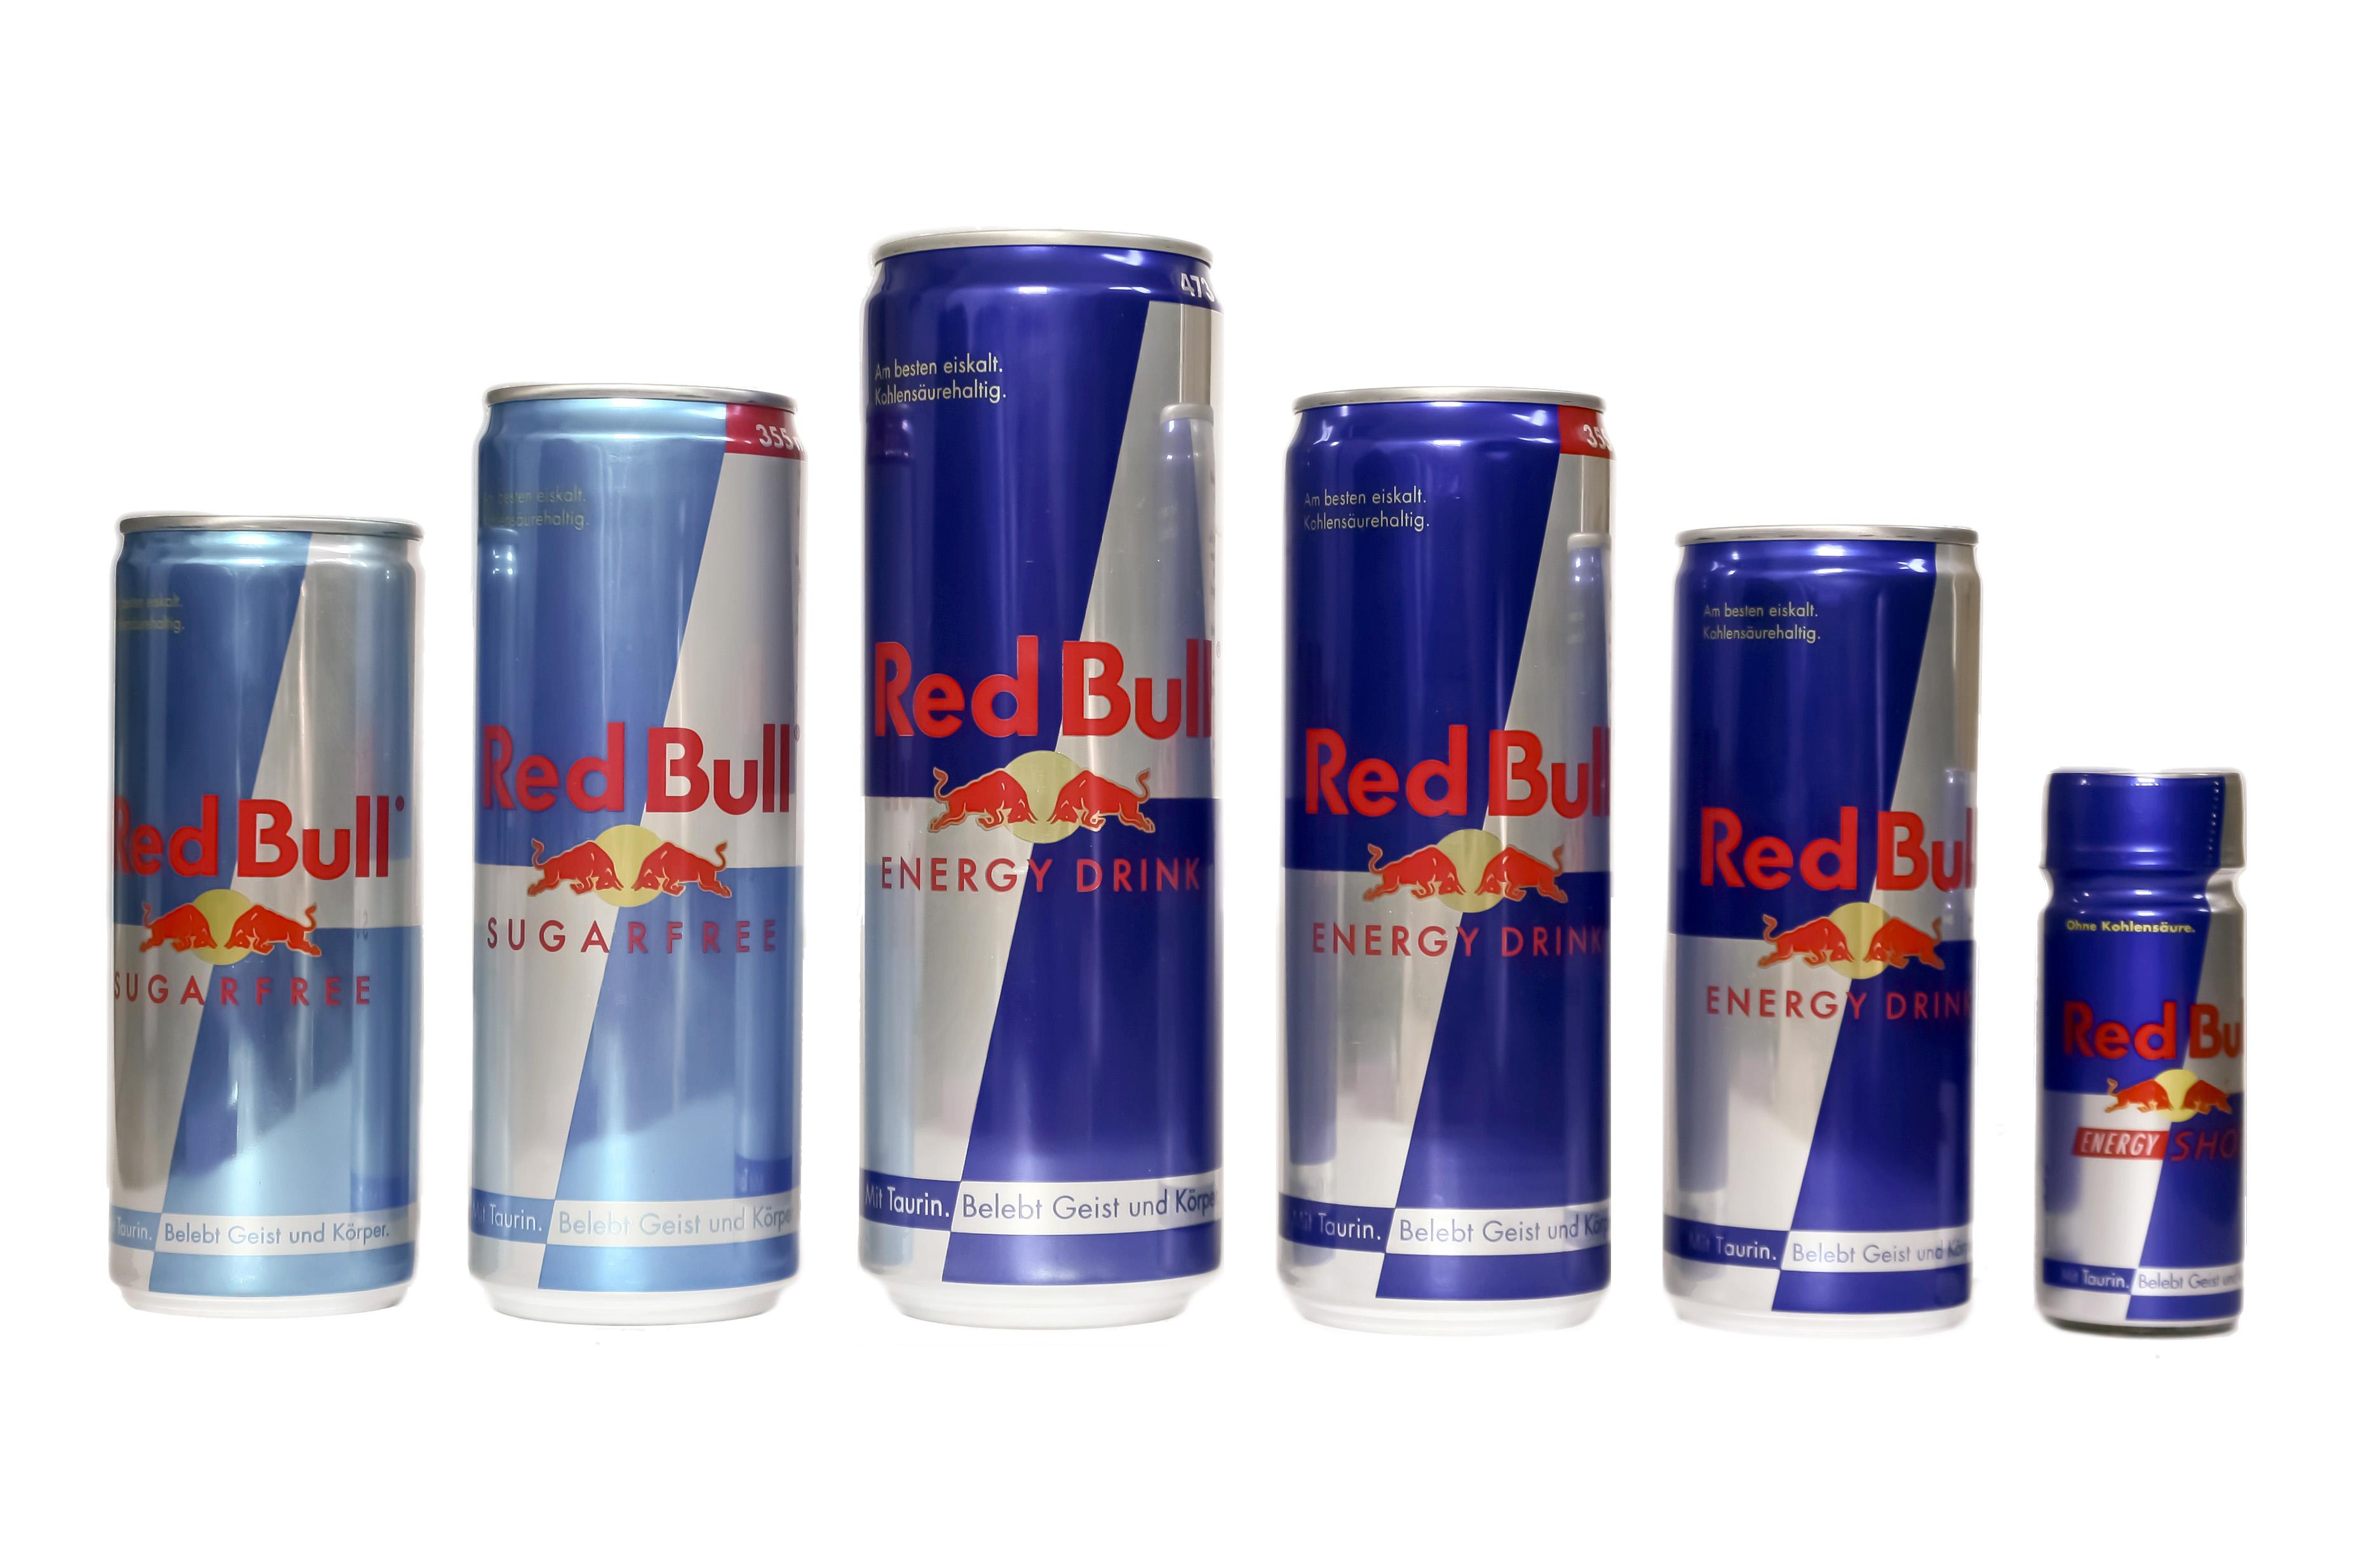 Imagen de latas de Red Bull